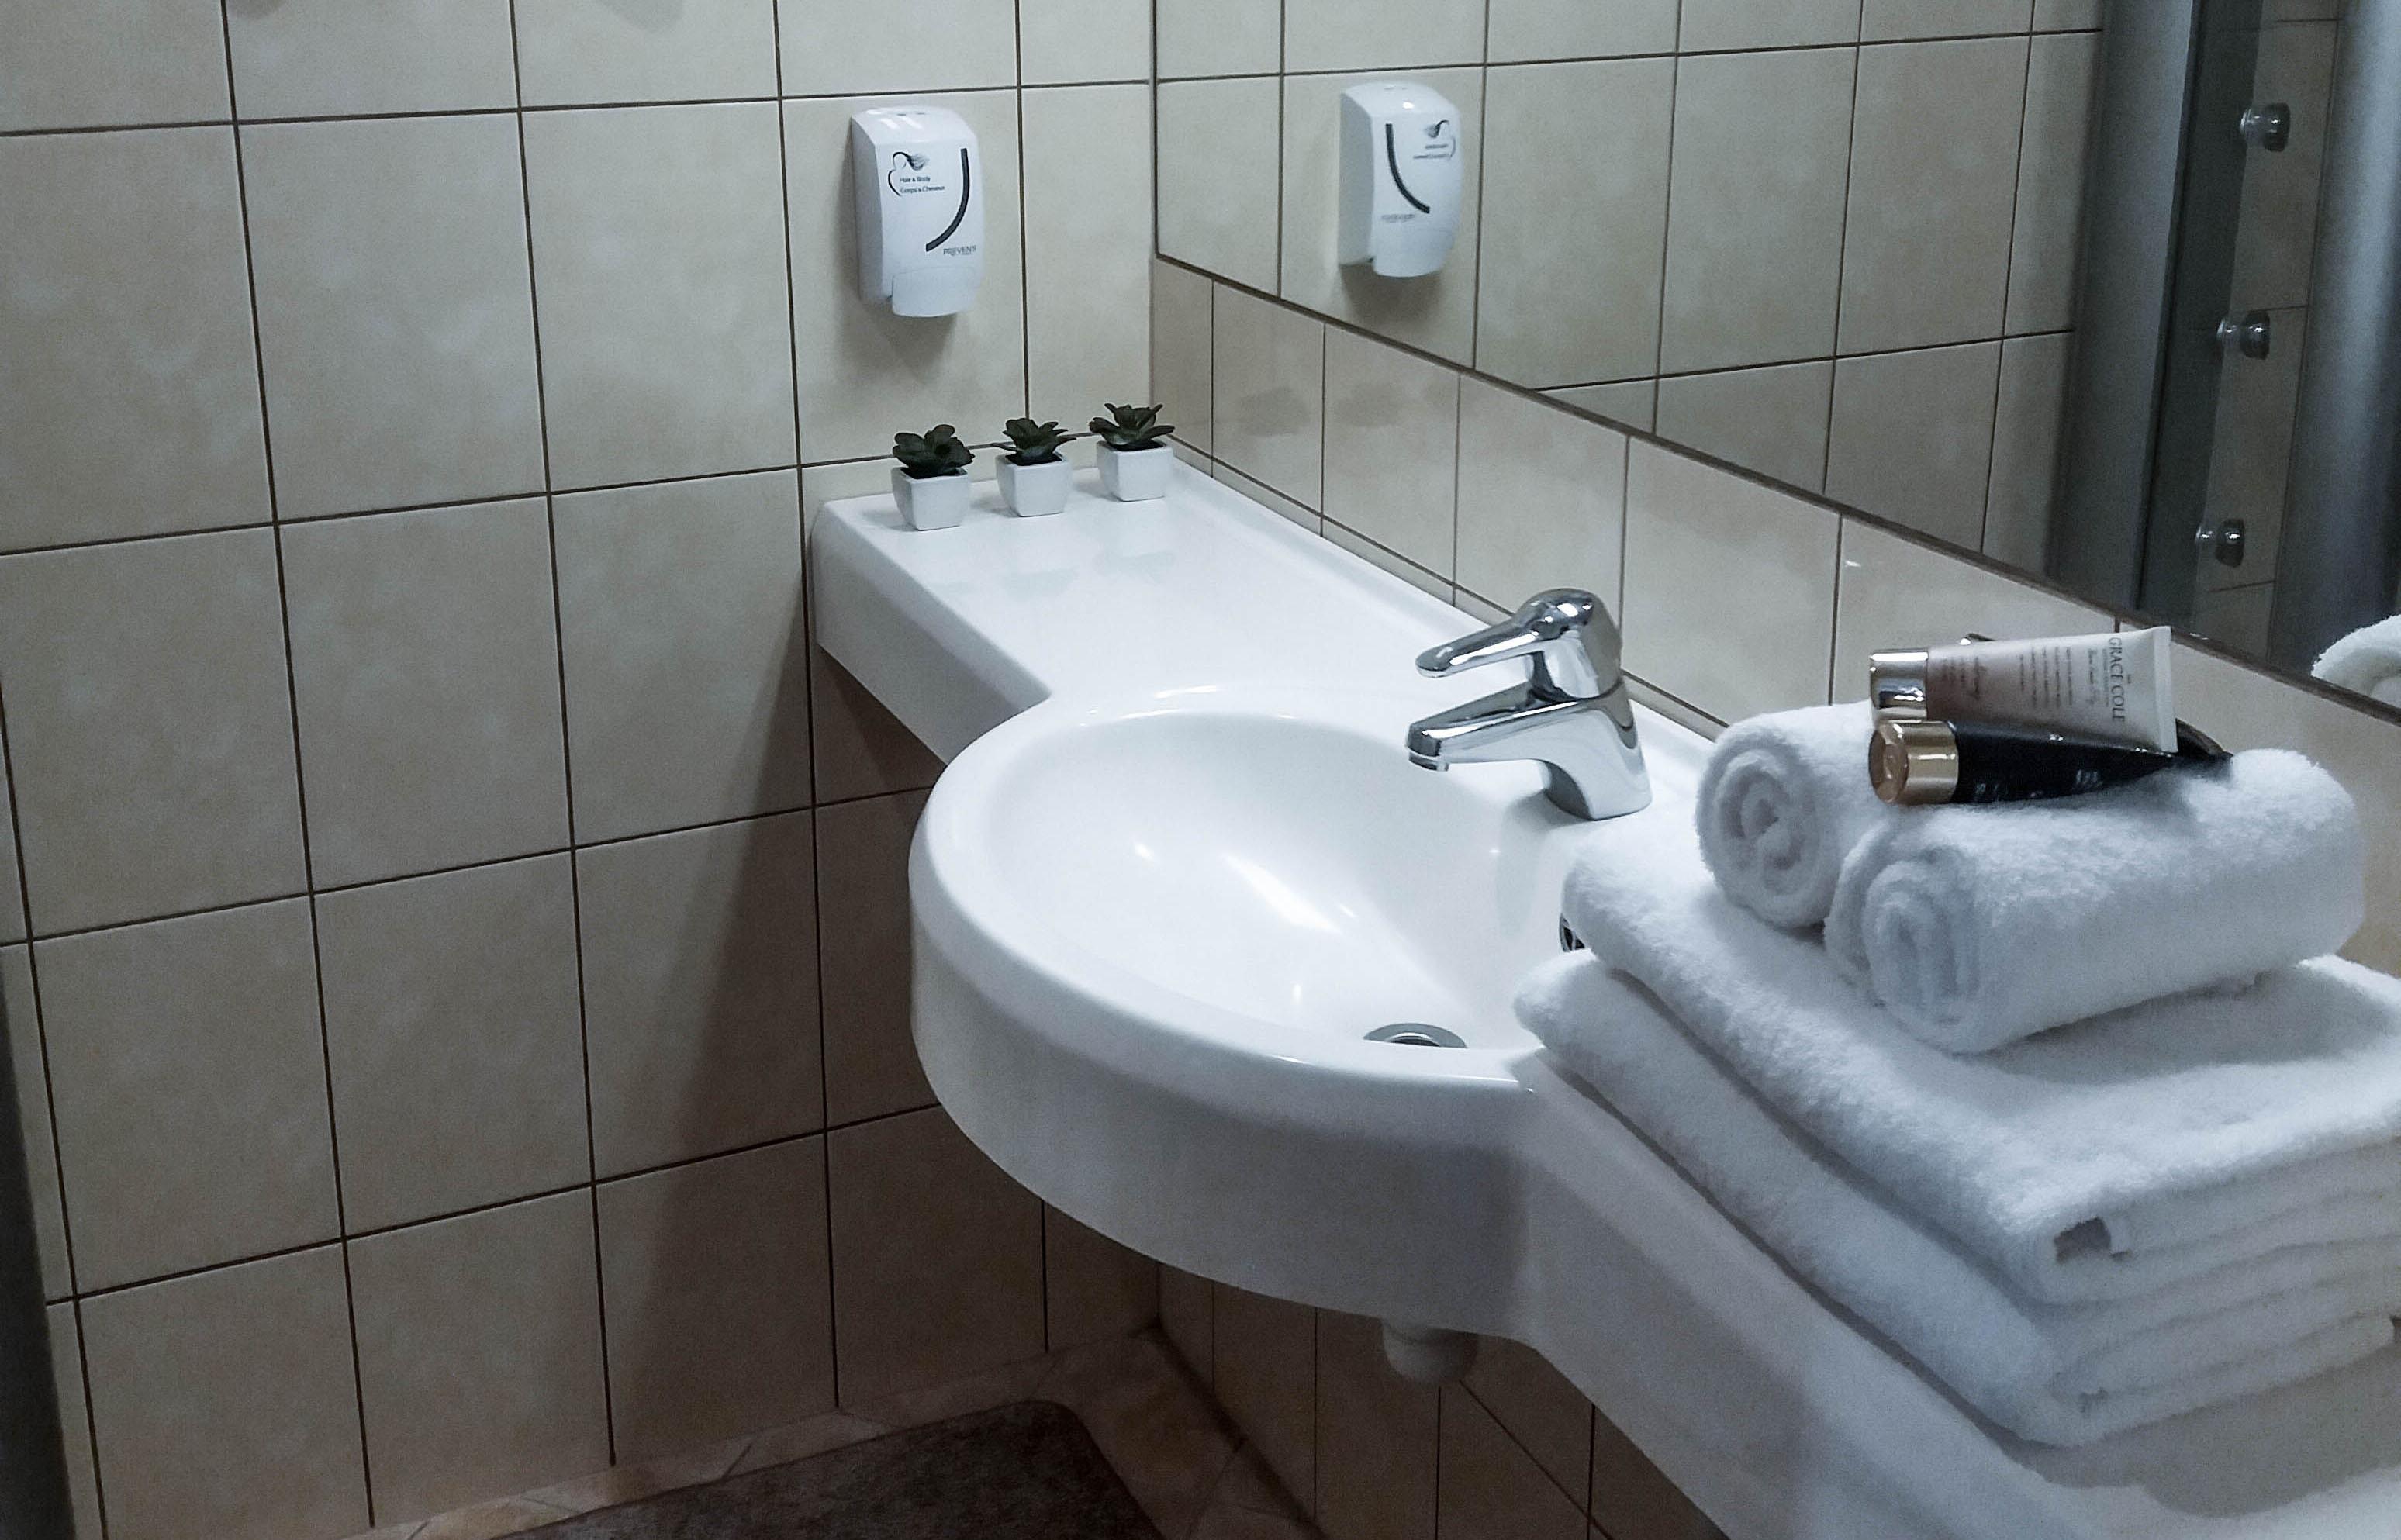 f5ef917d6a4 Standardtuba ühele ⋆ SPA Hotell Peetrimõisa Villa